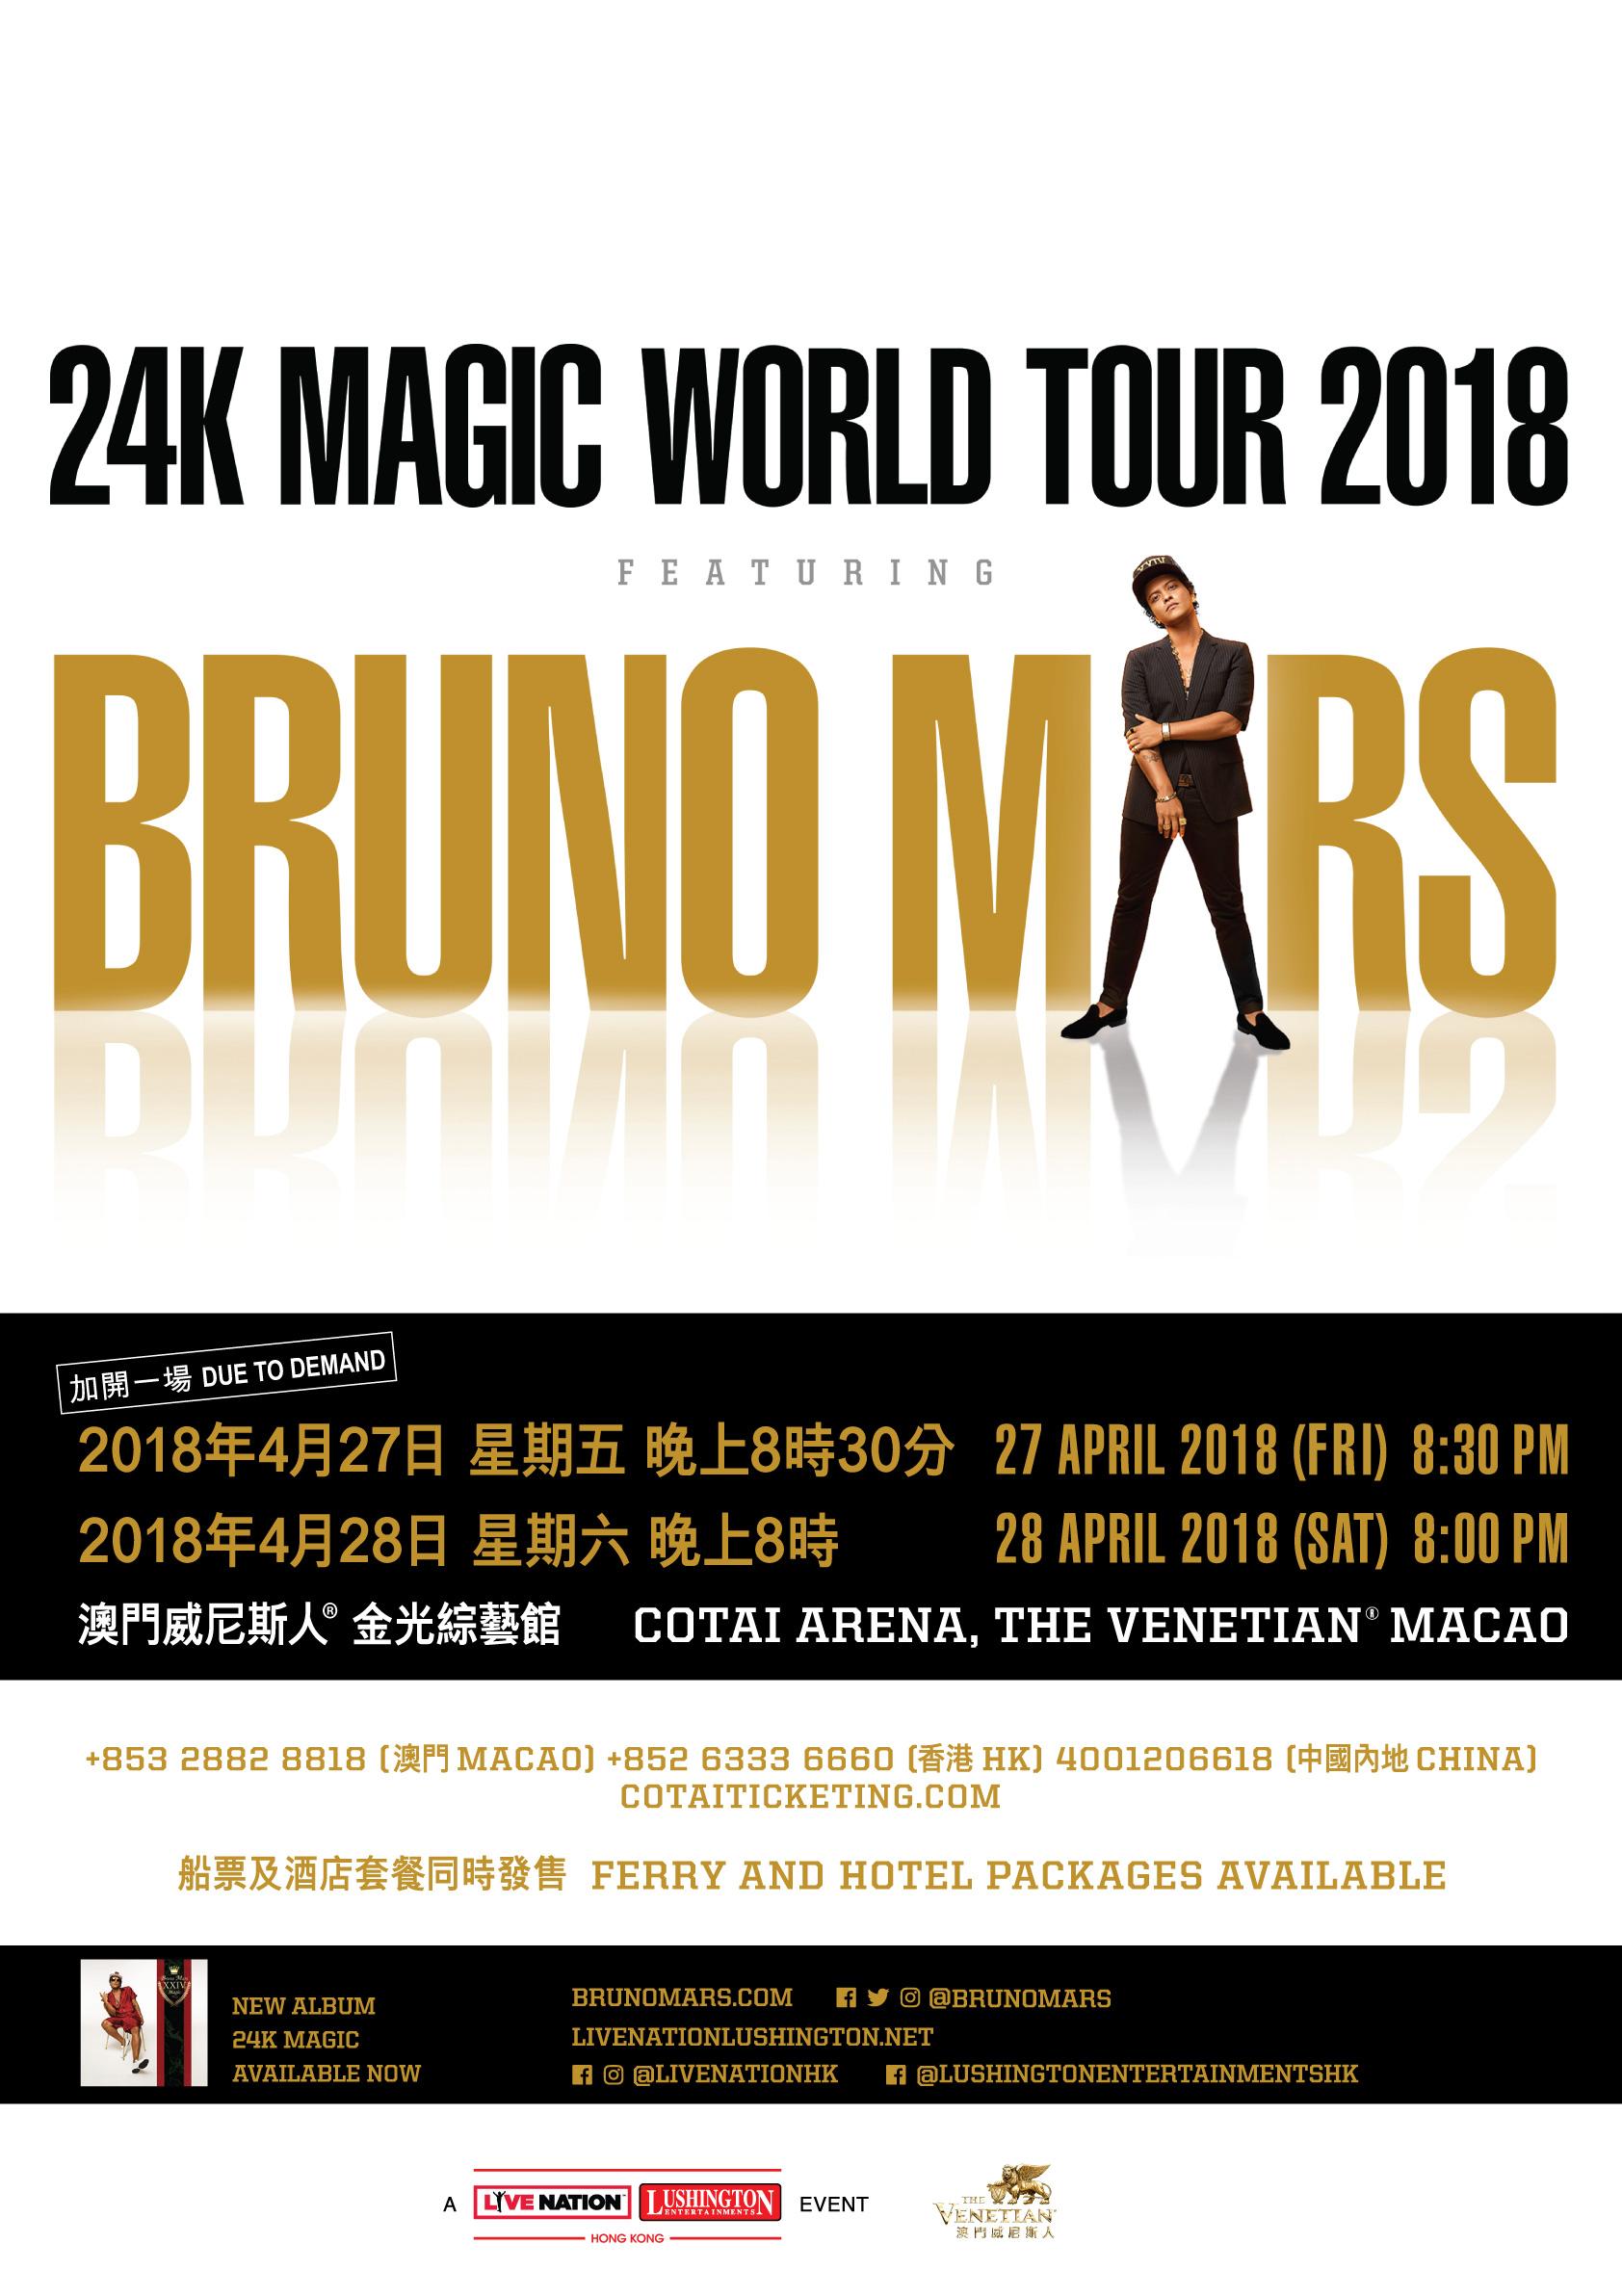 《24K MAGIC WORLD TOUR 2018》澳門站 - 澳門威尼斯人